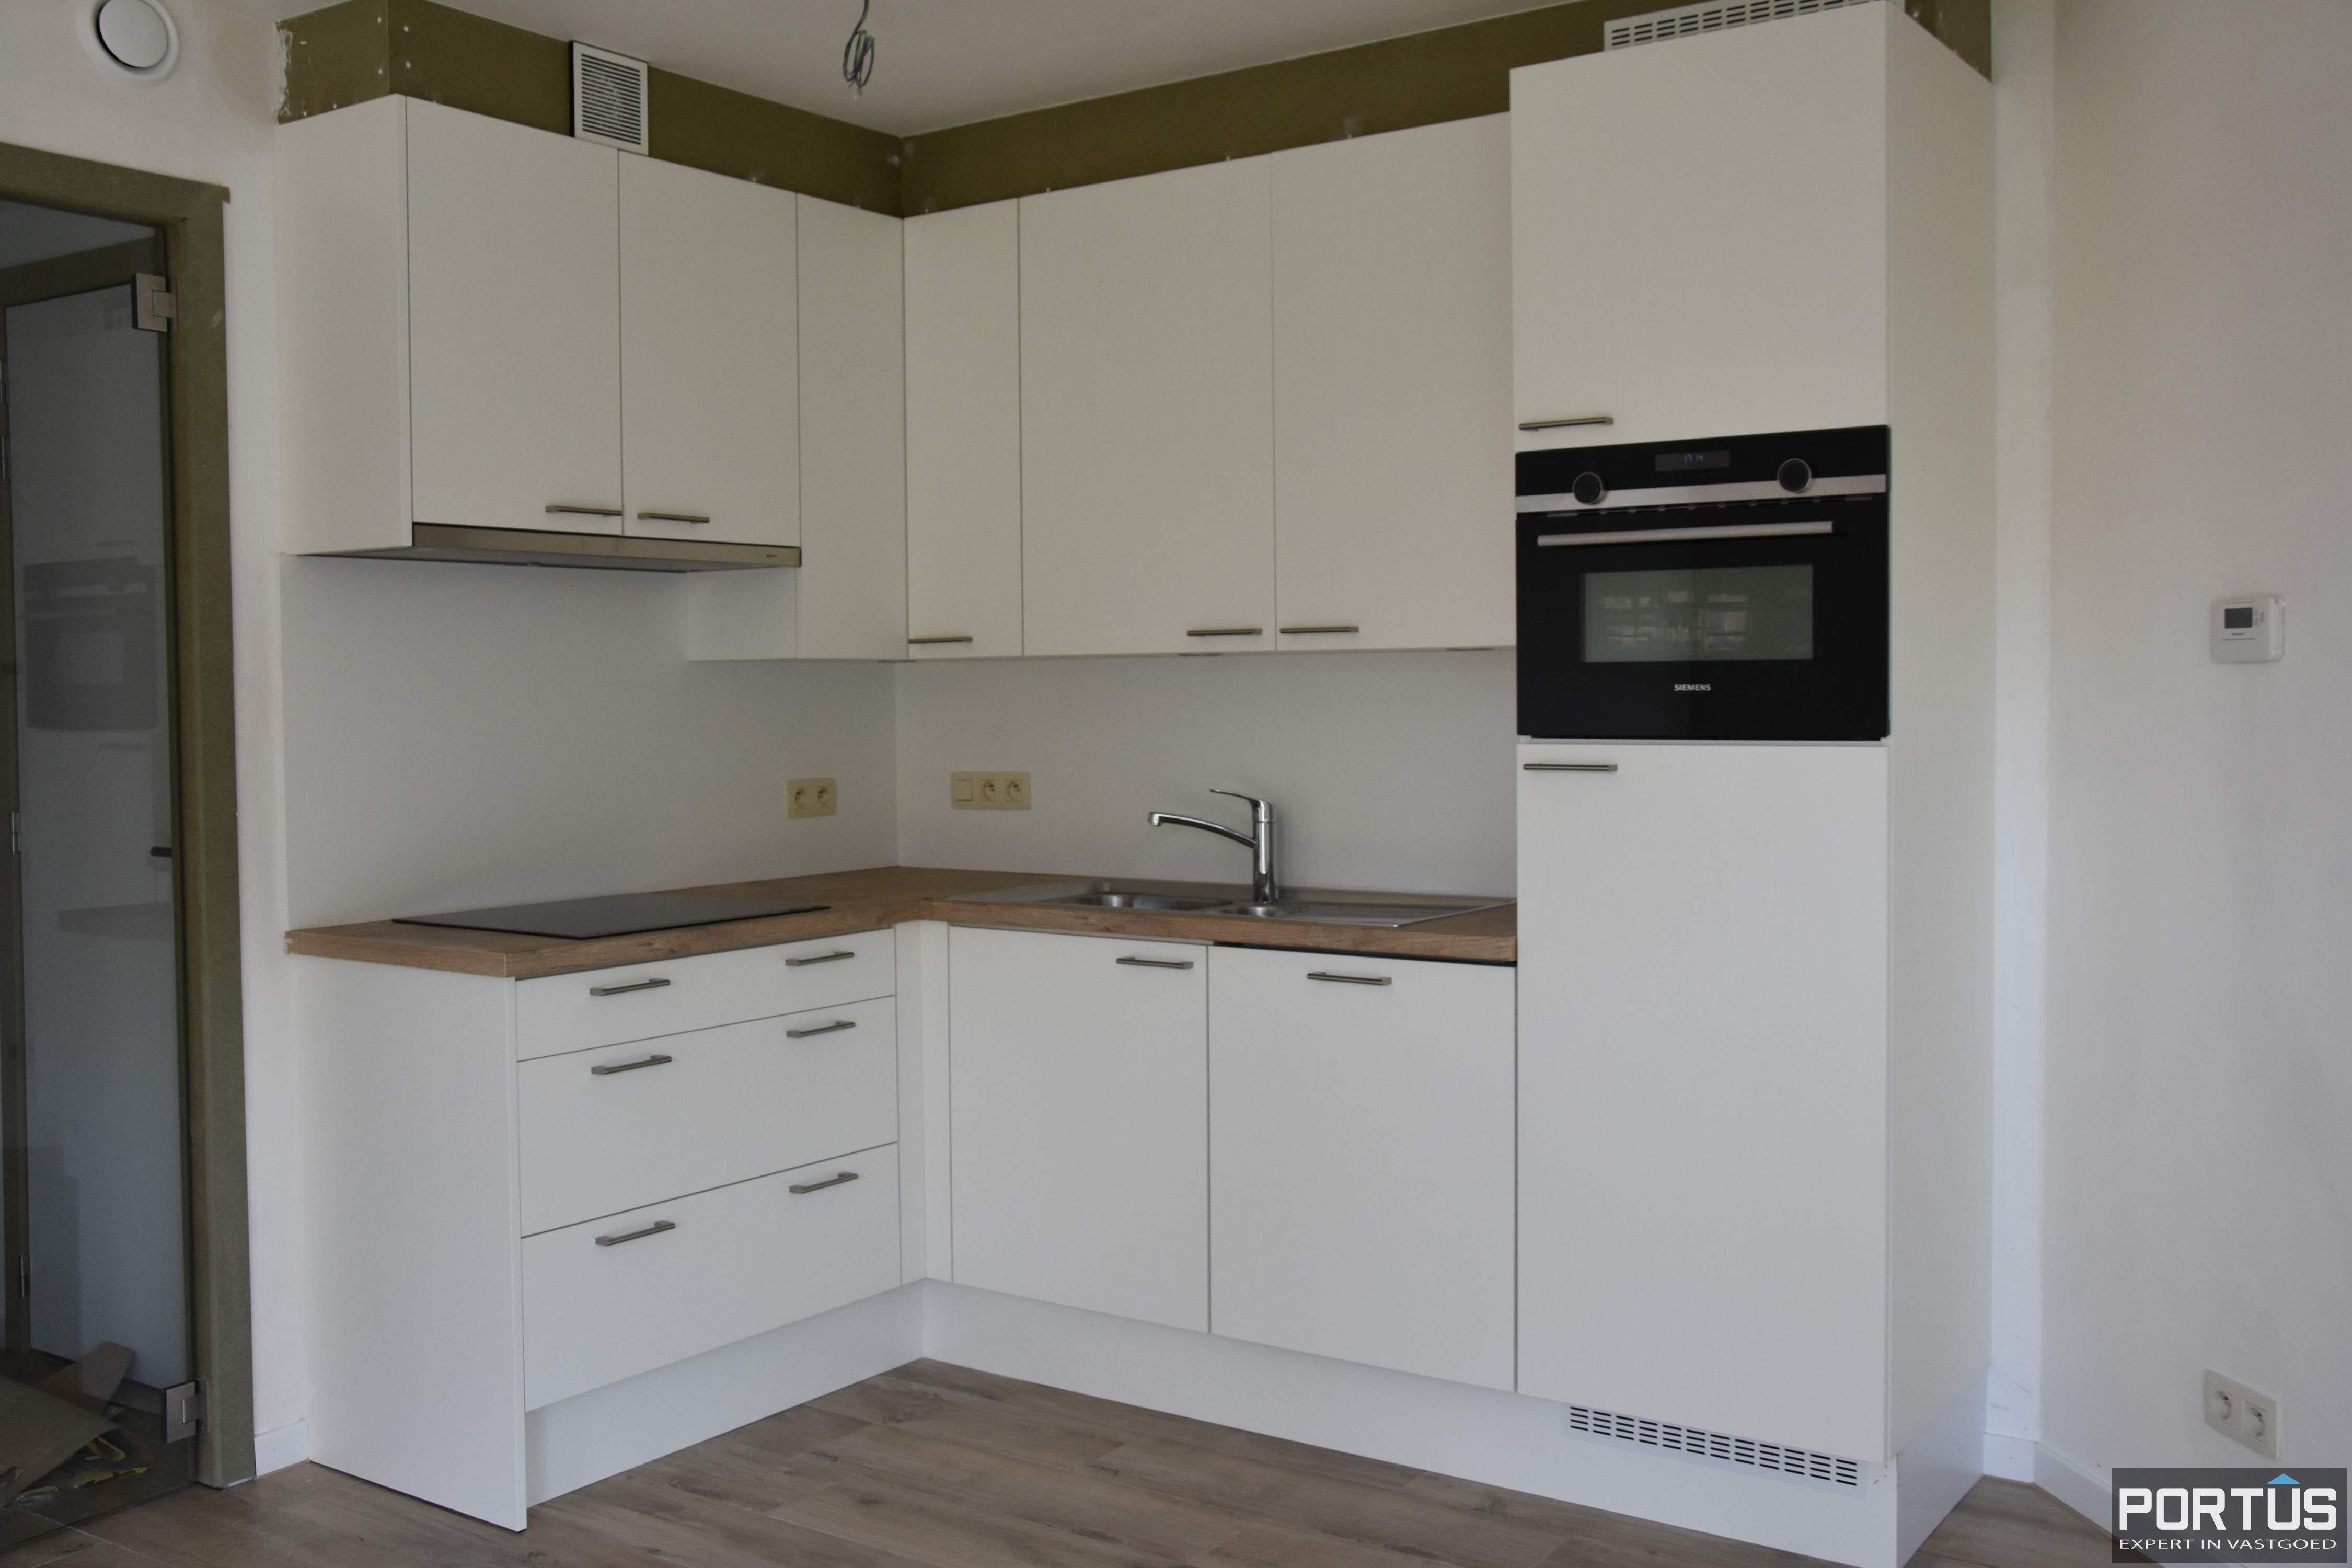 Appartement Residentie Villa Crombez Nieuwpoort - 9343